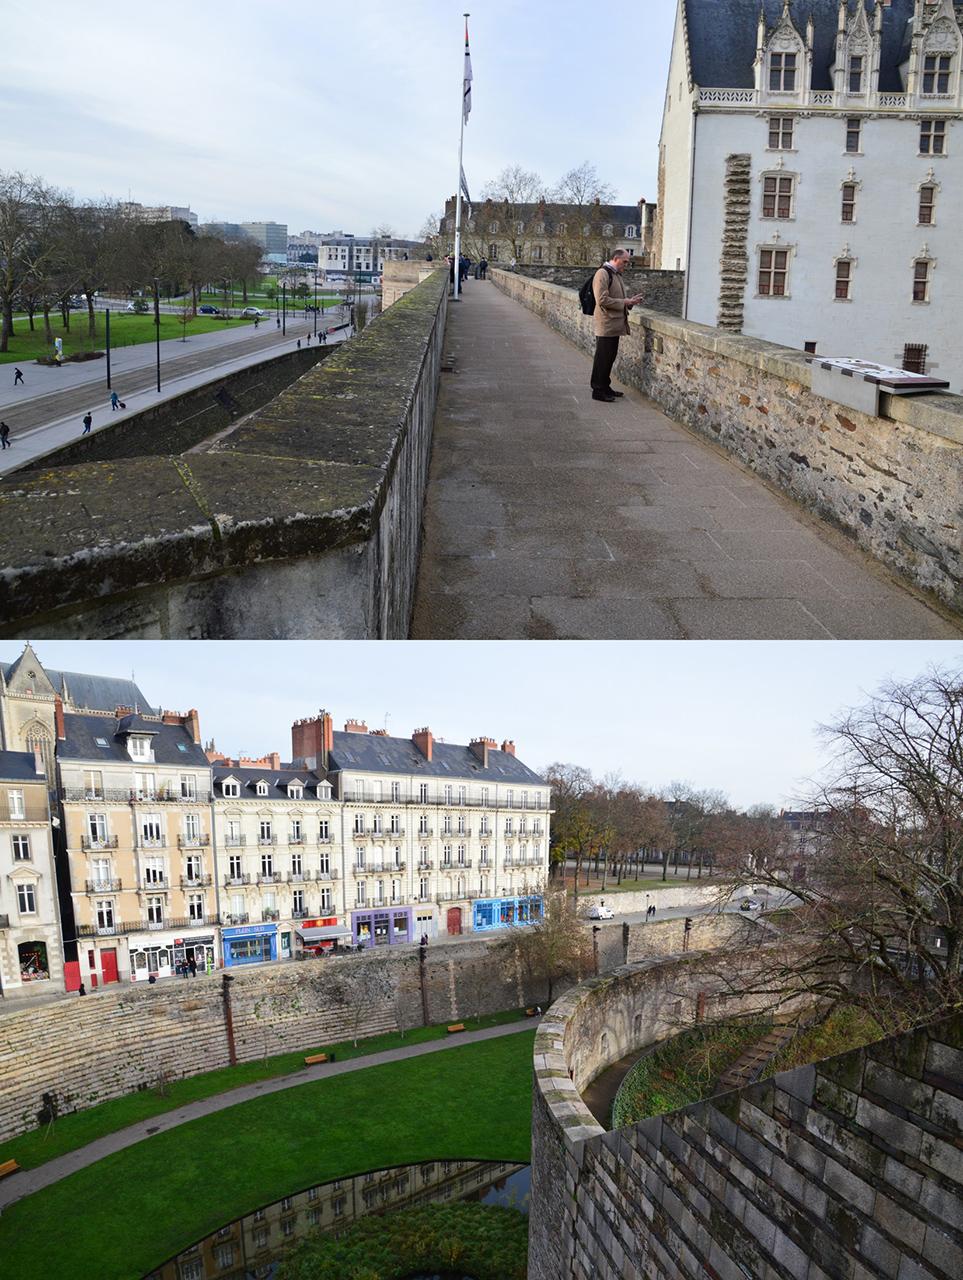 낭트 성 성벽 돌계단을 통해 성벽에 올라서면 성벽 길을 따라 한 바퀴 답사를 할 수 있다.